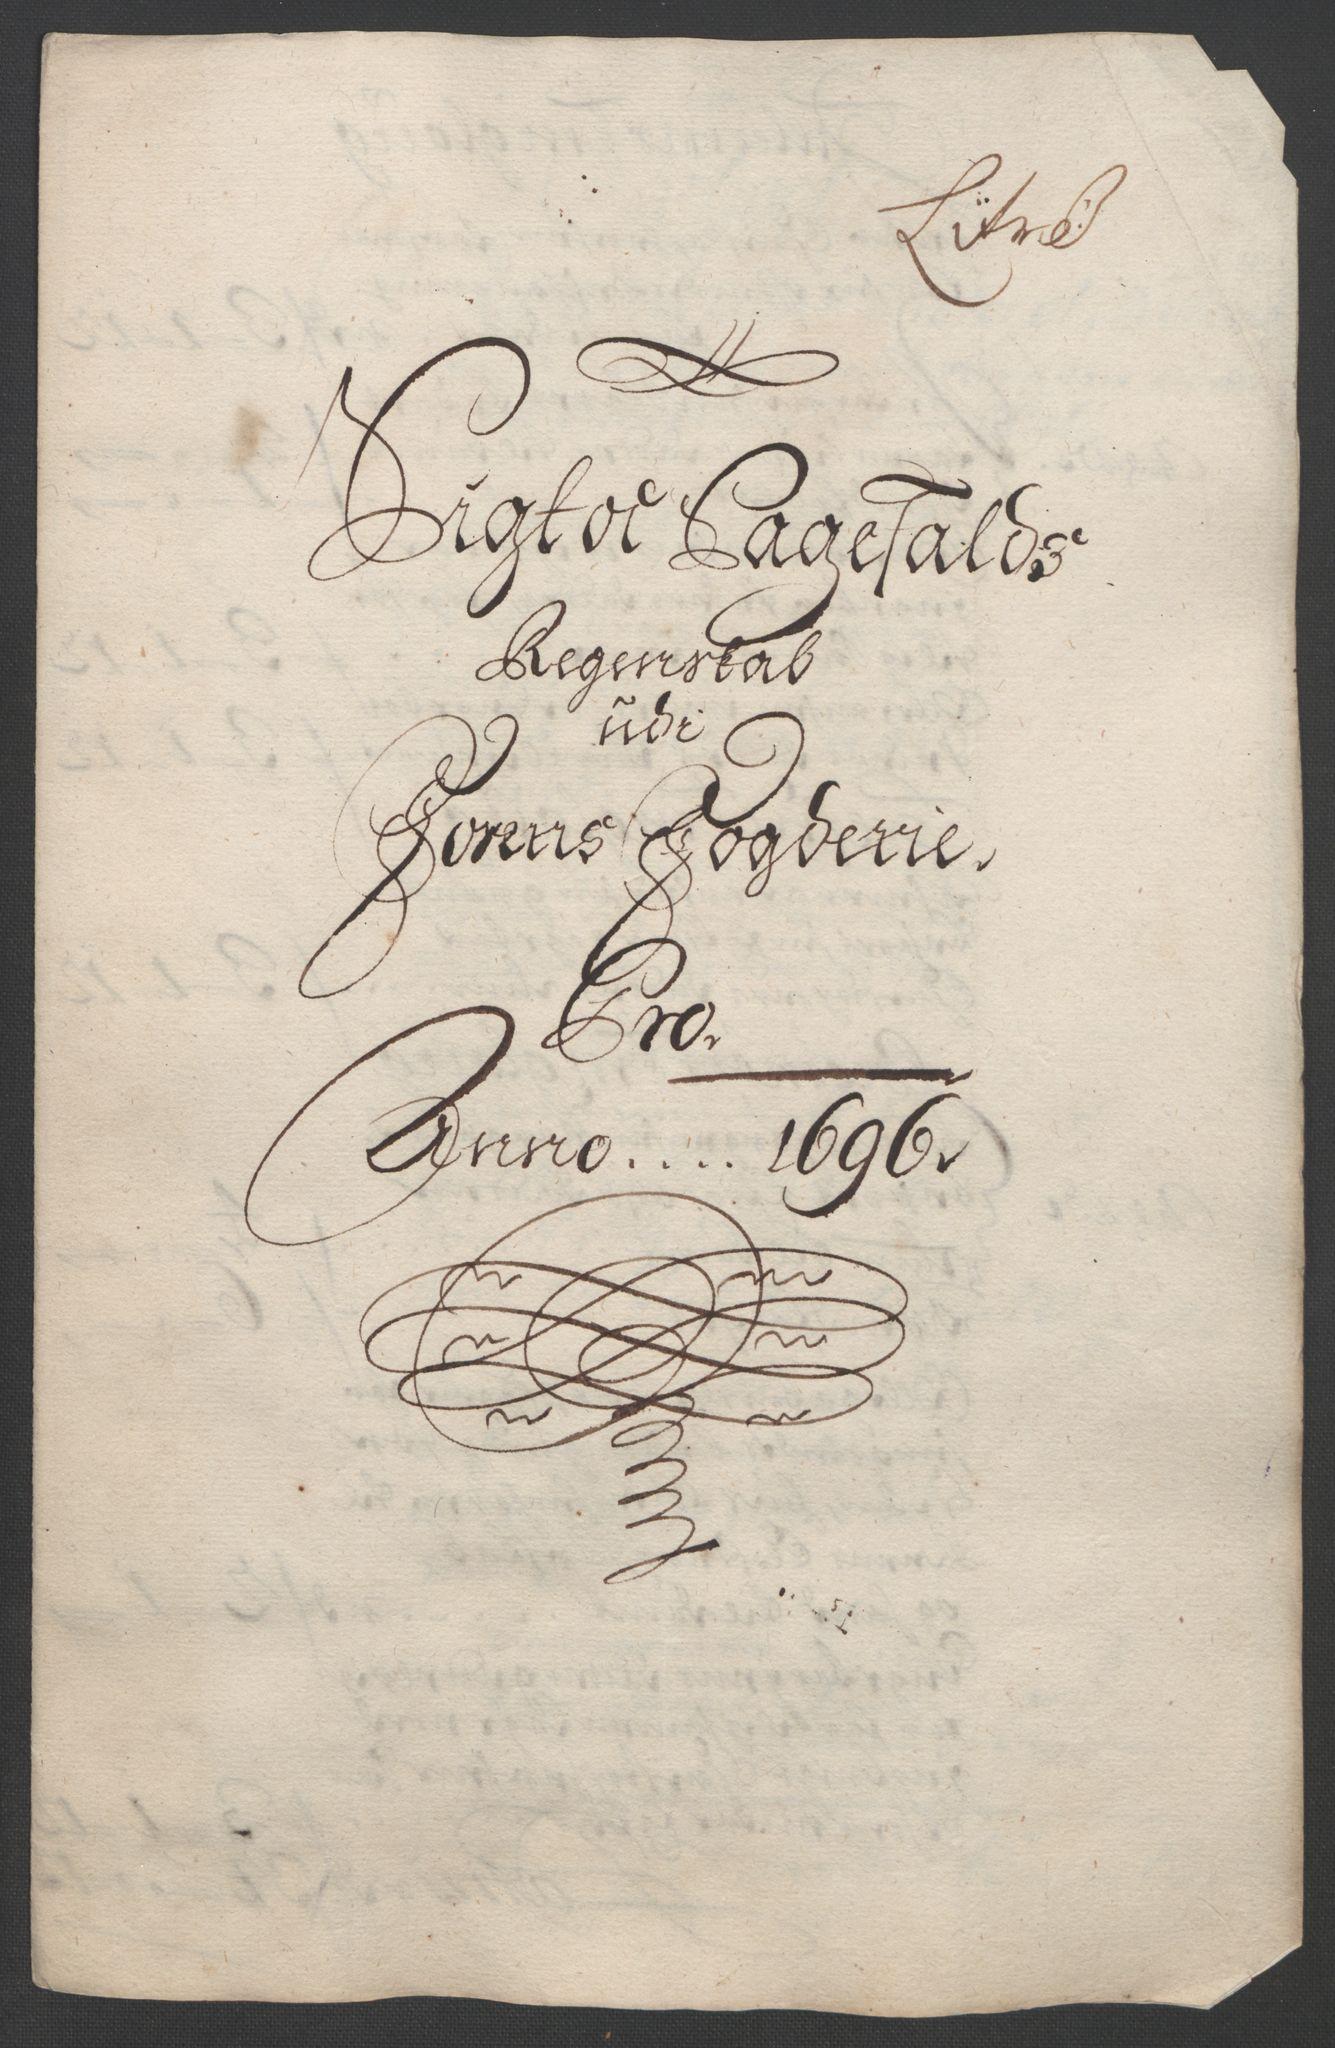 RA, Rentekammeret inntil 1814, Reviderte regnskaper, Fogderegnskap, R57/L3851: Fogderegnskap Fosen, 1695-1696, s. 274